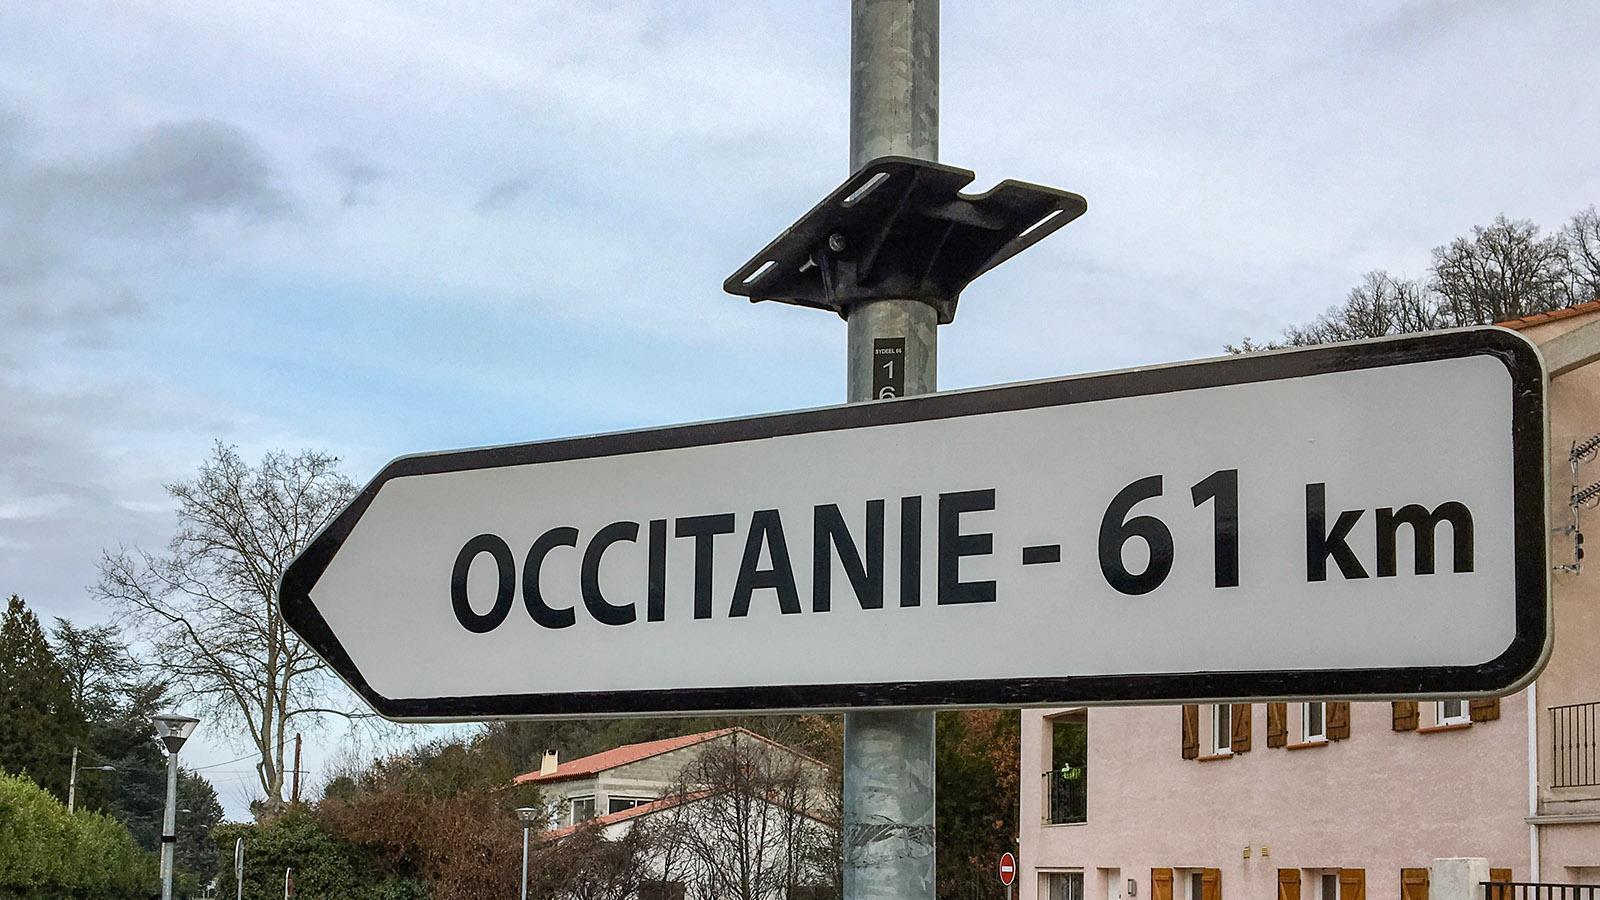 Prats-de-Mollo. Im Tal des Tech weisen zahlreiche Wegweiser die Richtung Occitanie. Hier ist man im Pays Catalan.